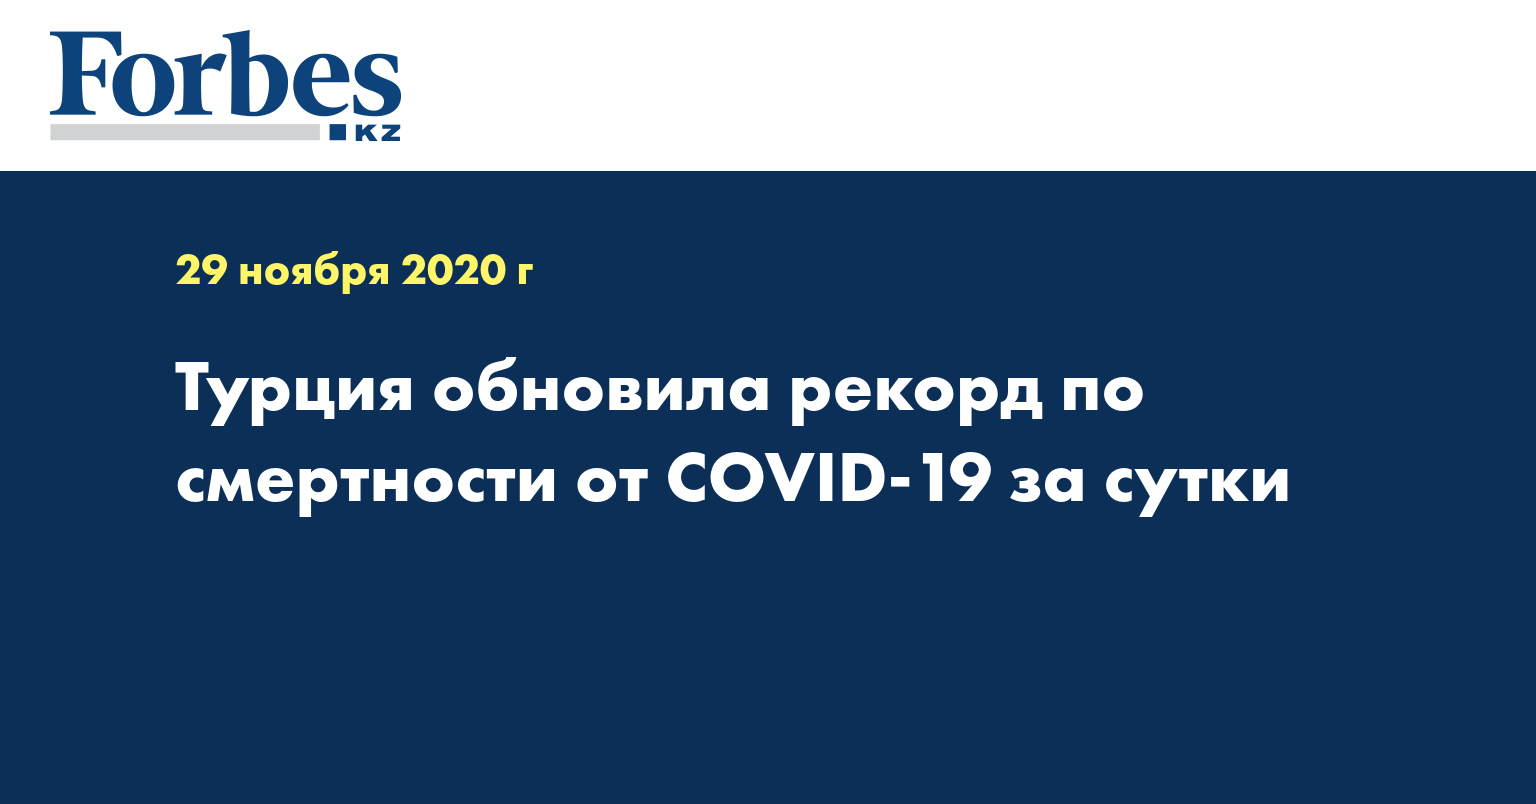 Турция обновила рекорд по смертности от COVID-19 за сутки